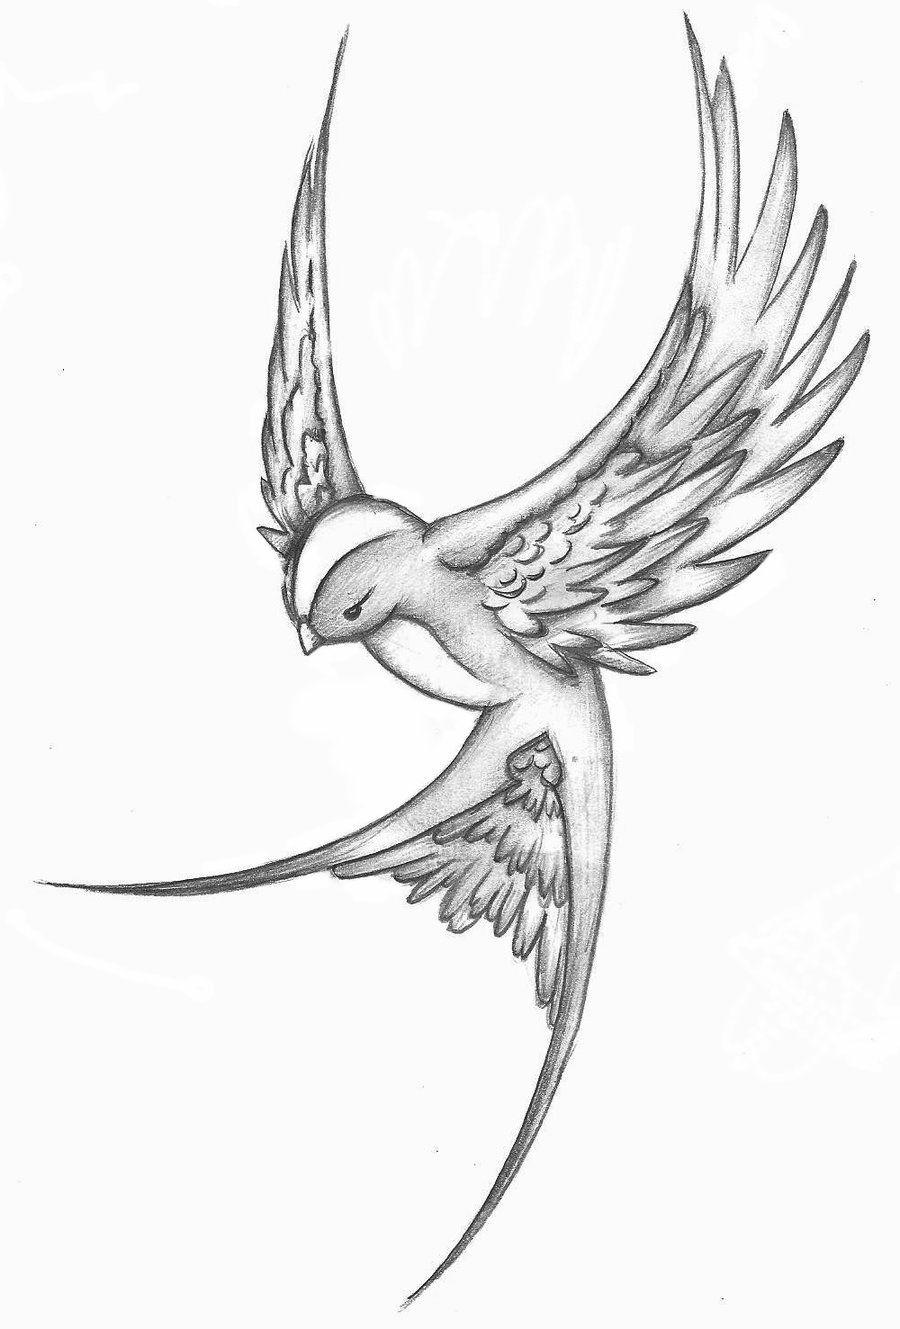 900x1329 Hier Zie Je Een Tekening Van Een Vogel Die Wegvliegt. Hij Is Dan